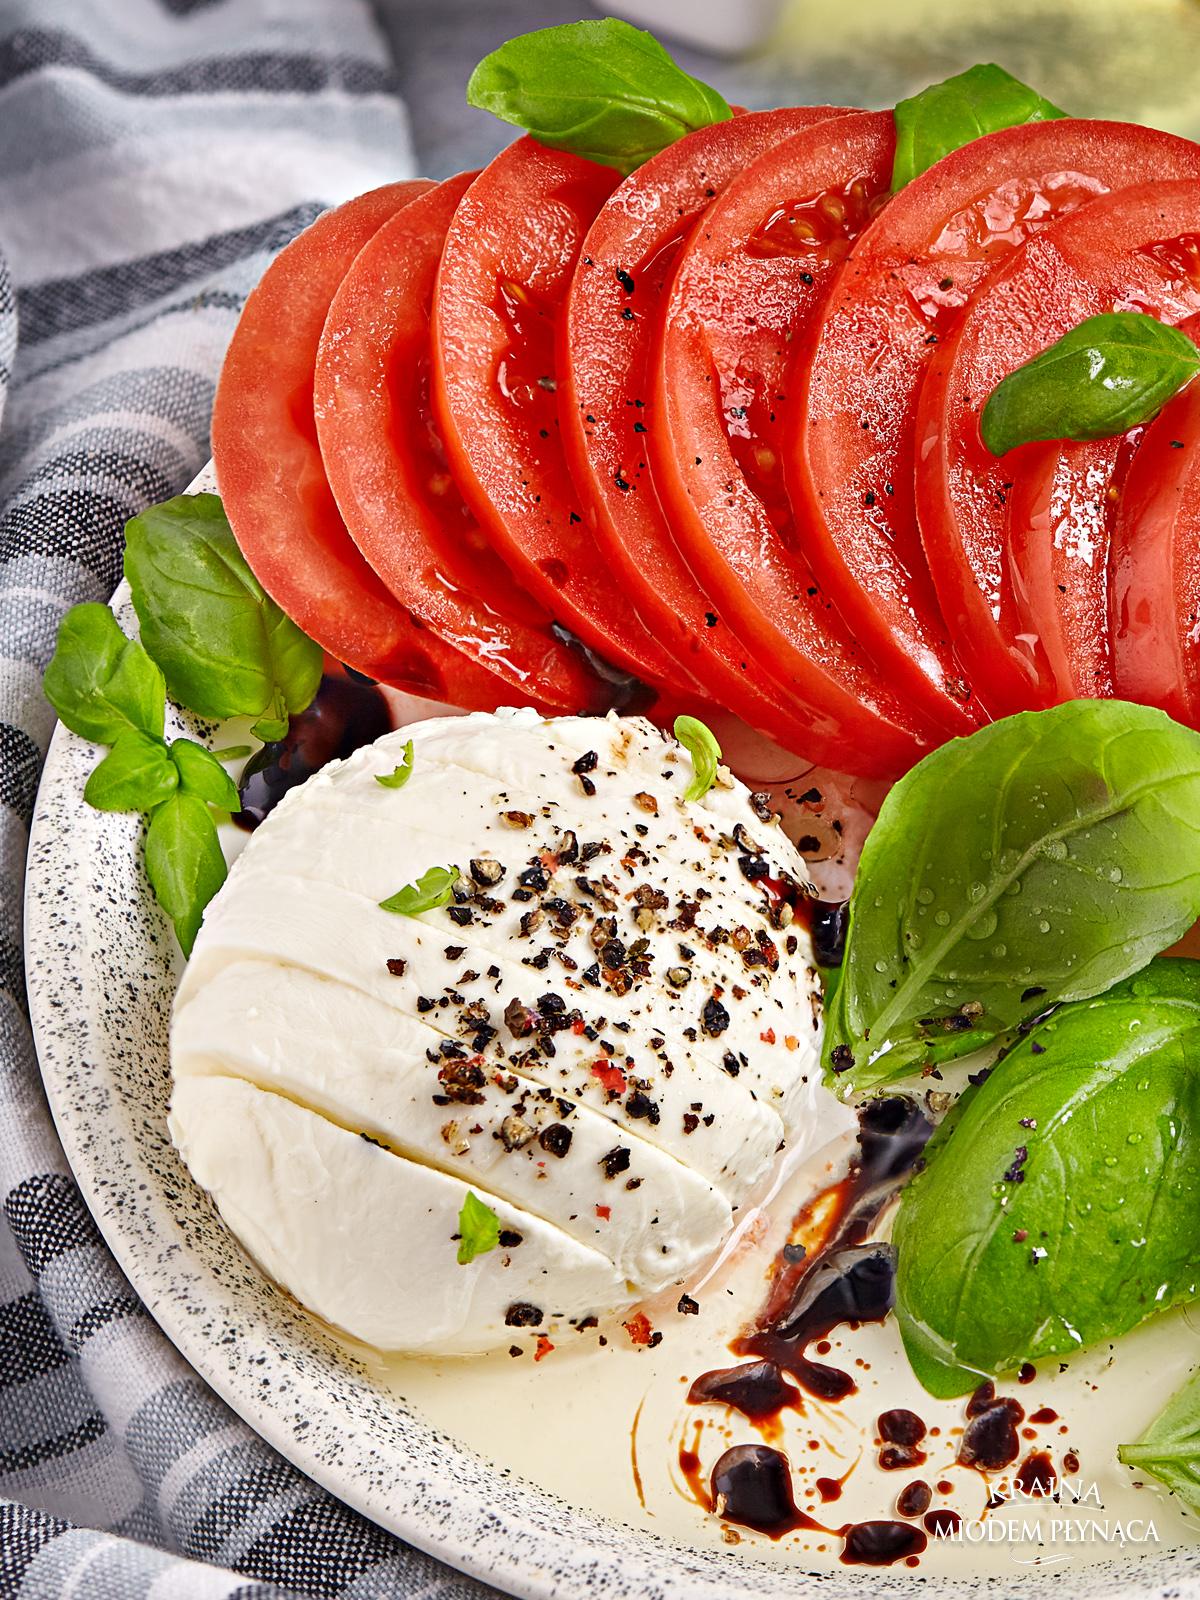 sałatka caprese, włoska sałatka, sałatka z mozzarellą, sałatka z pomidorami, sałatka z bazylią, sałatka na imprezę, sałatka do obiadu, kraina miodem płynąca